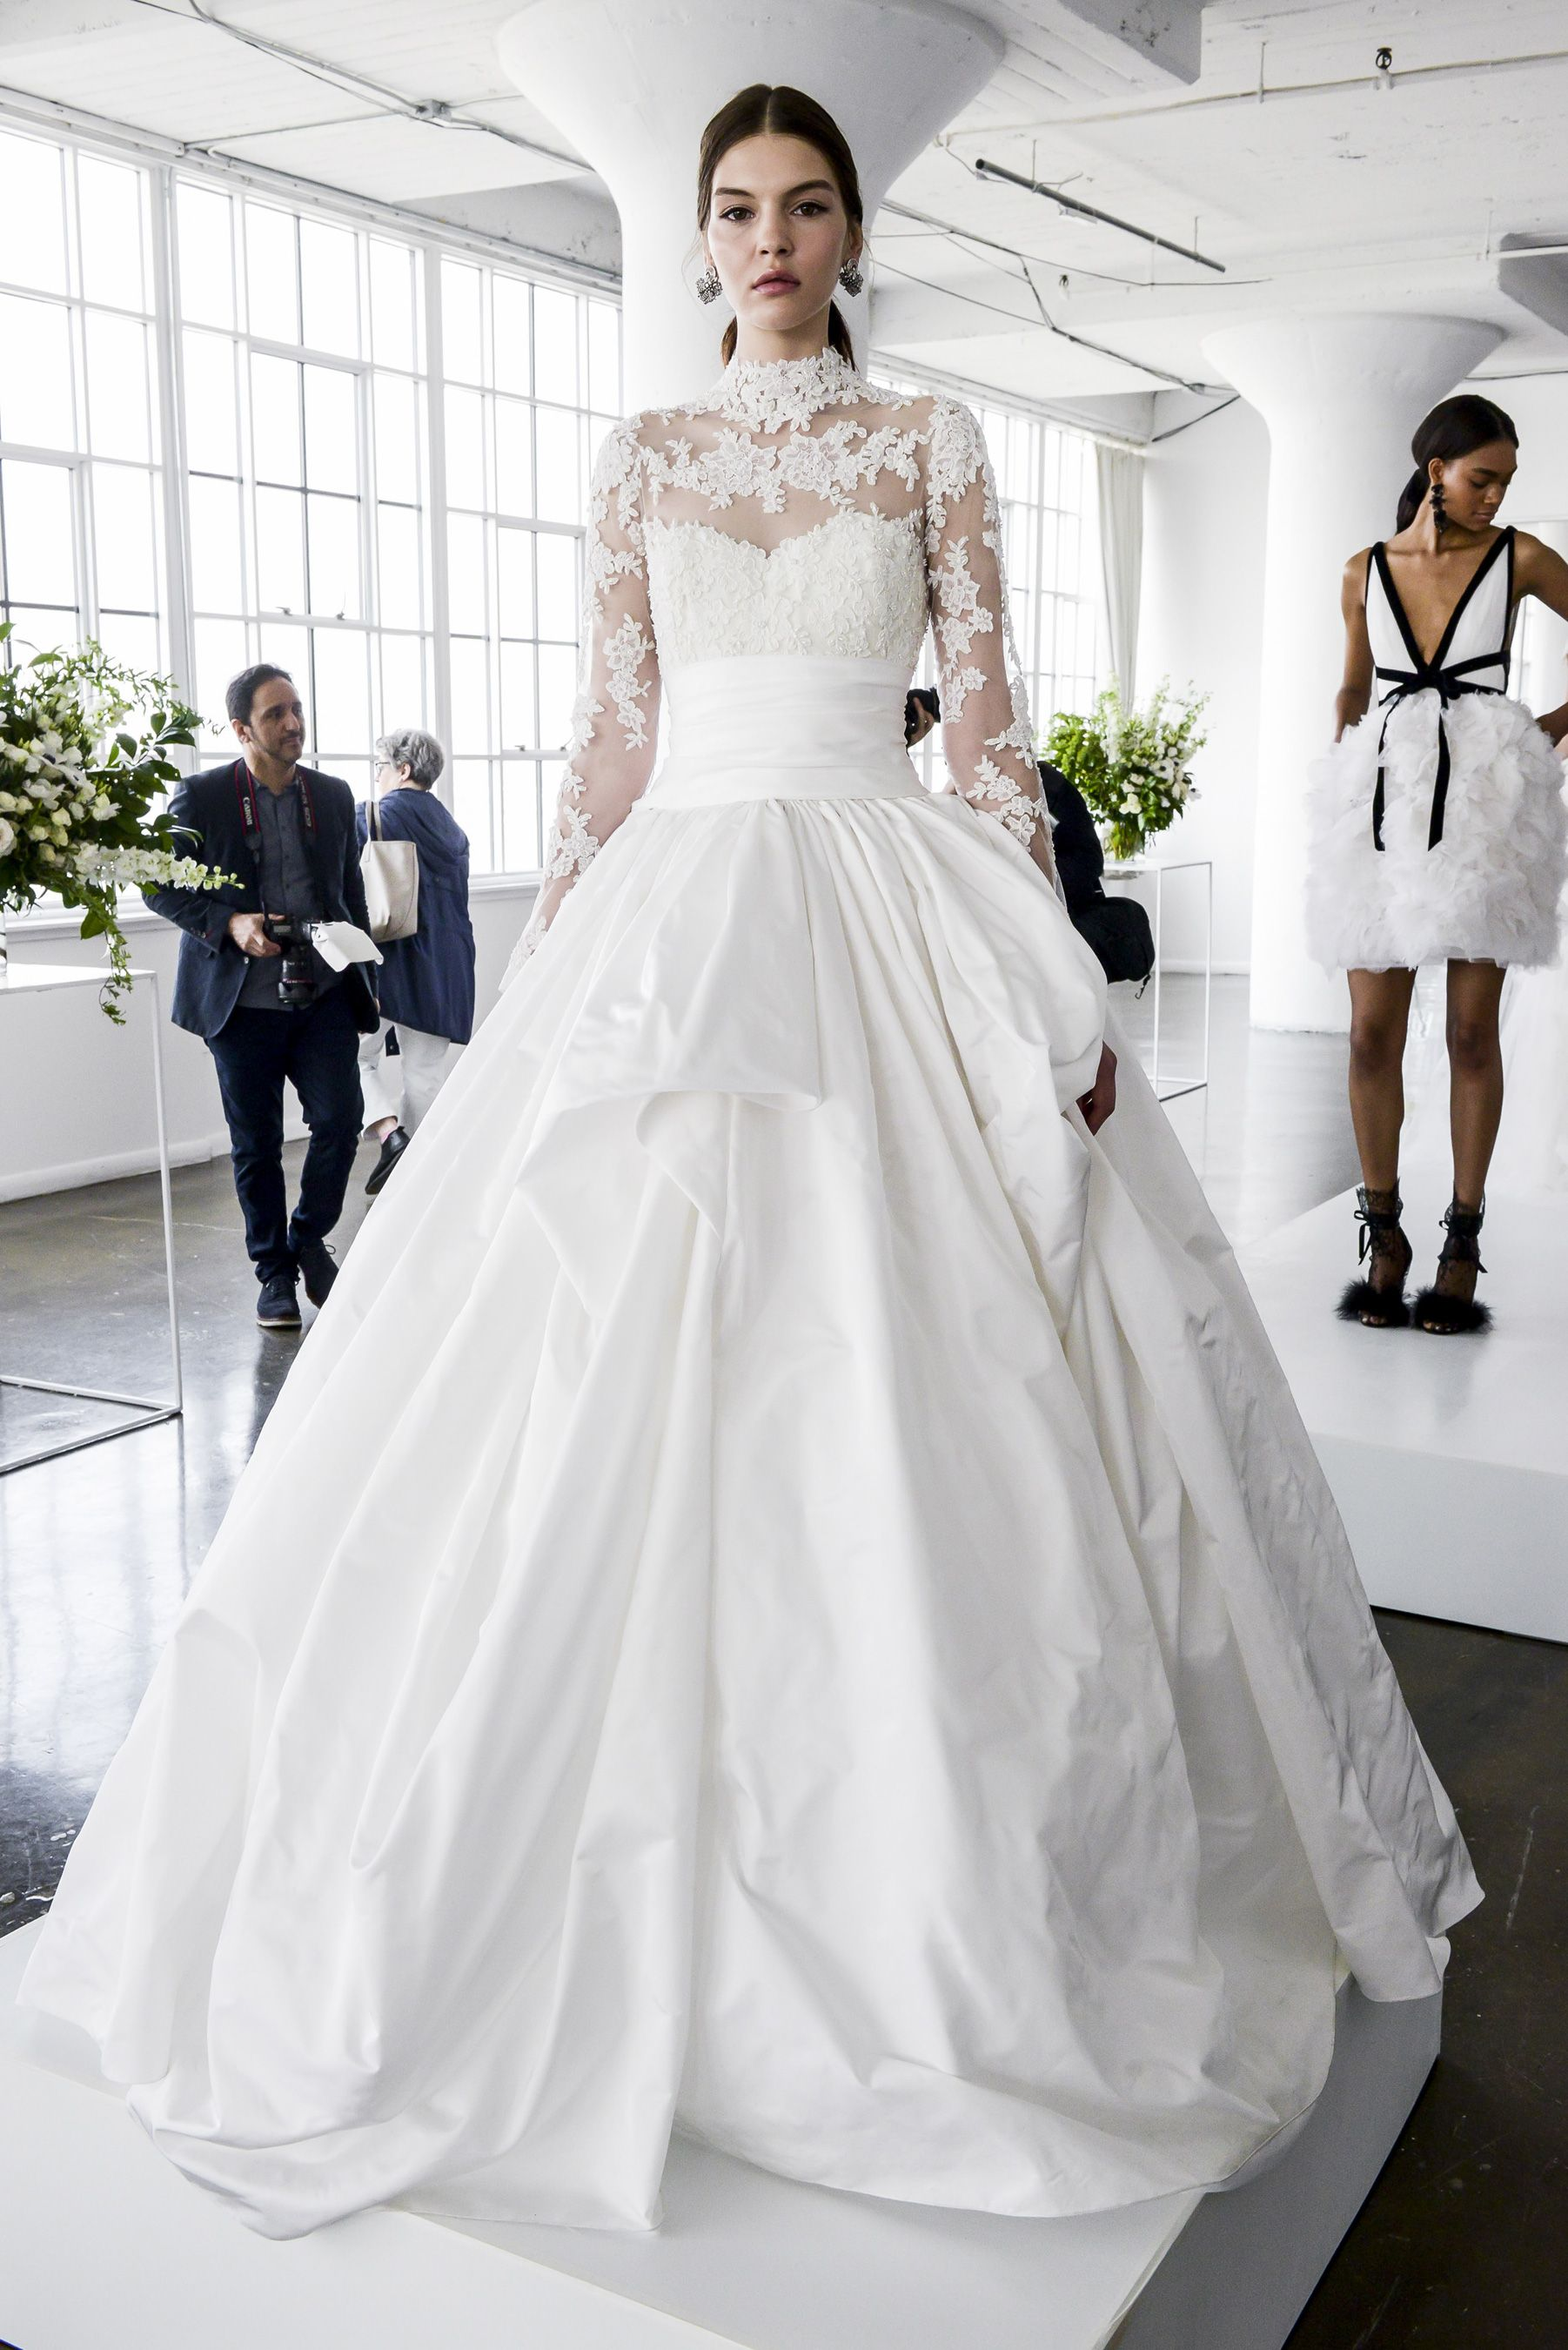 Marchesa spring bridal fashion show the impression bridal